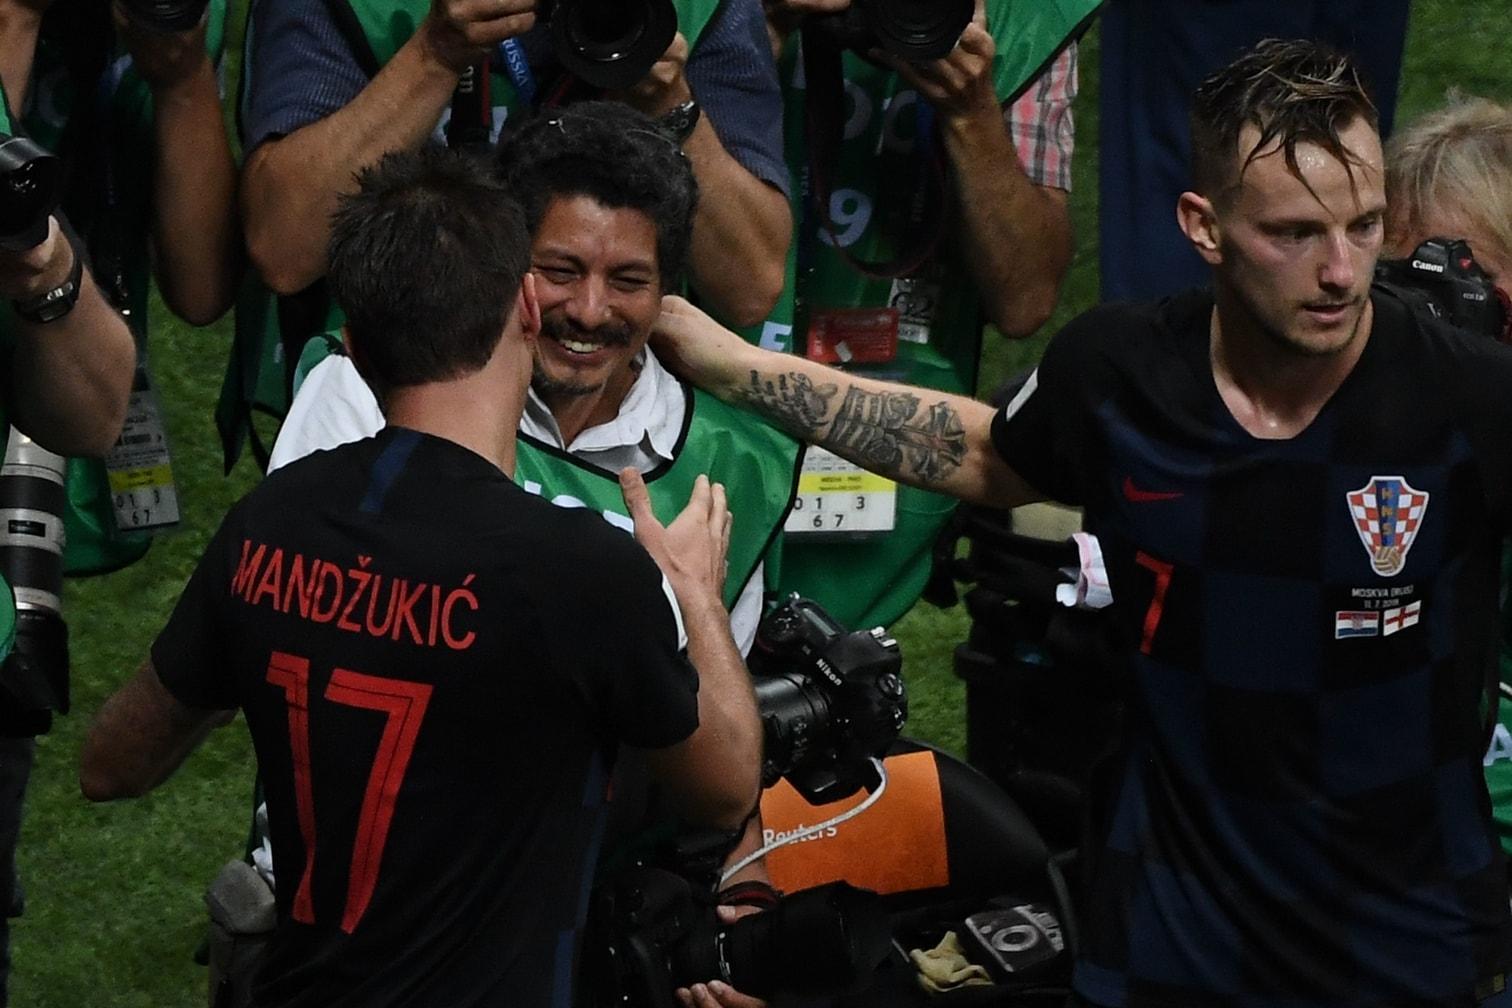 <p>Kroatien steht im WM-Finale! Das 2:1 von Mario Mandzukic im Halbfinale gegen England den ersten Finaleinzug der Geschichte des Landes. Es folgte der Jubel des Jahres. Mittendrin: ein Fotograf.</p> Foto: AFP